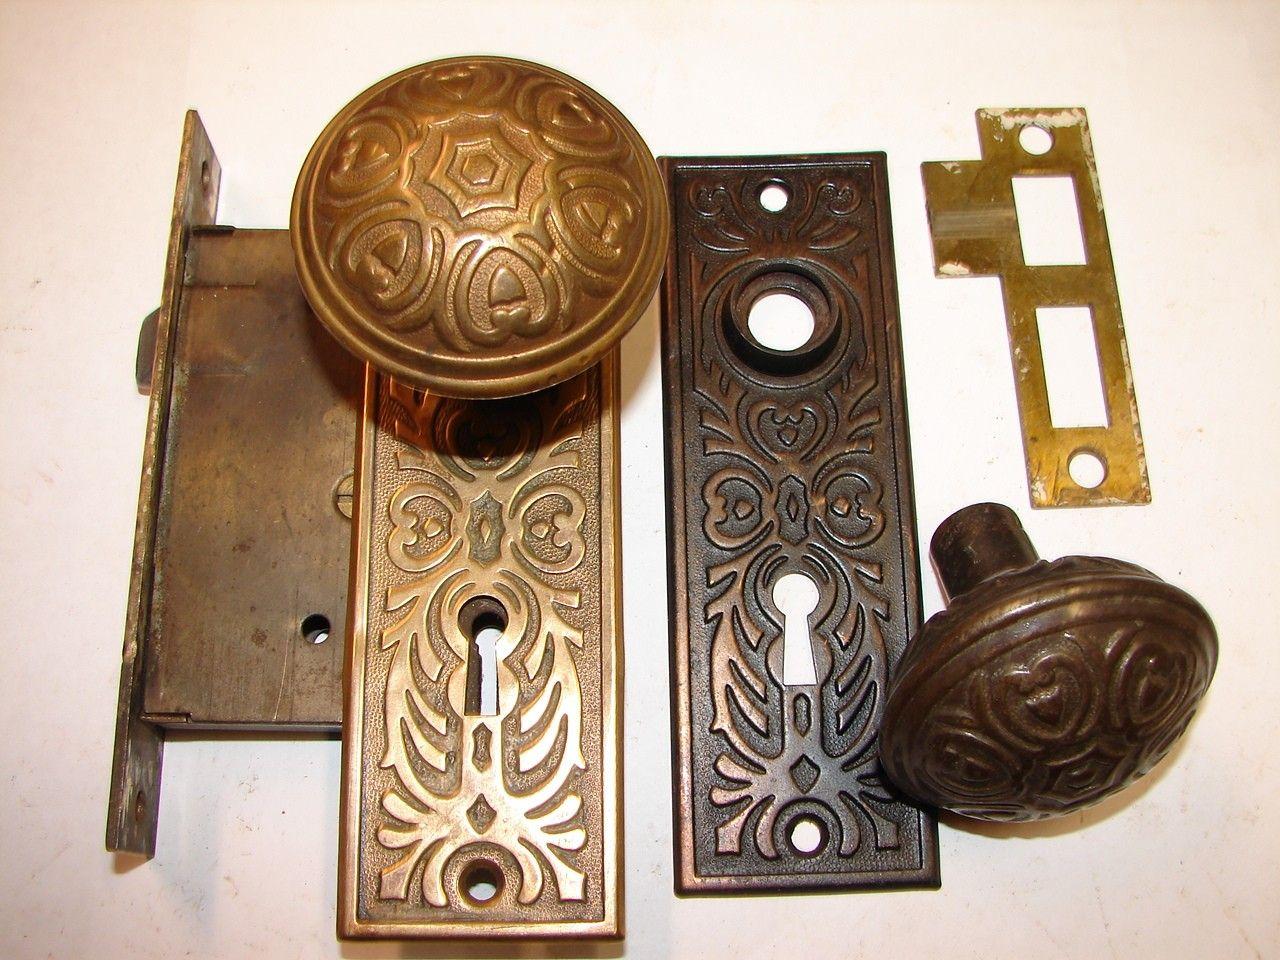 Fancy Victorian Door Knob Key Plate Antique Brass Old Escutcheon Door Knob Key Plate Old Hardware